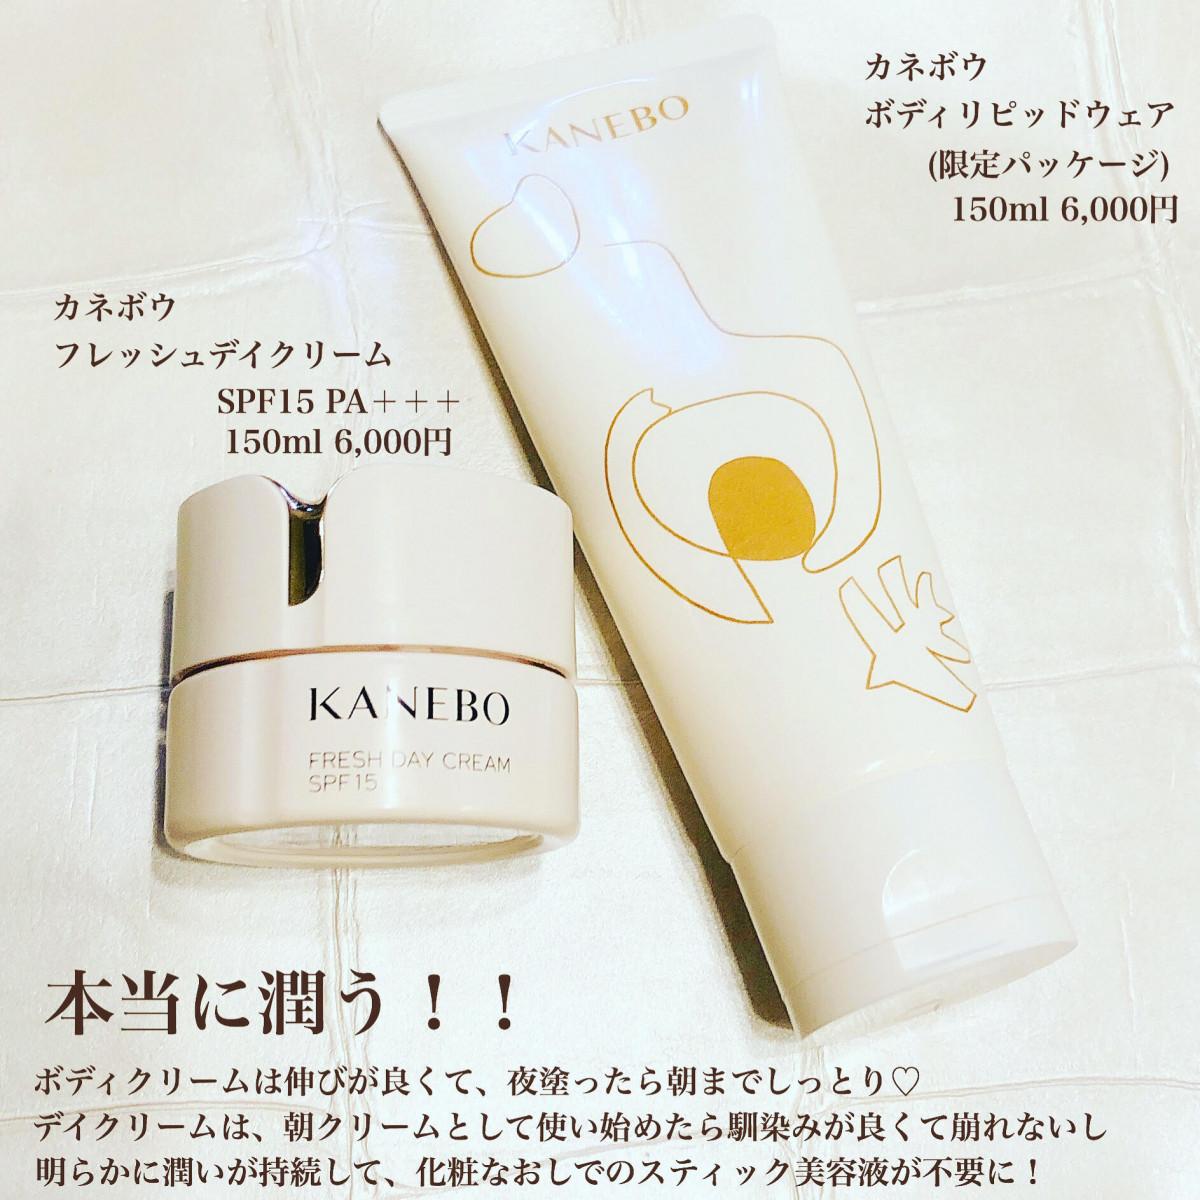 【顔にも身体にも最強の乾燥対策】KANEBO フレッシュデイクリーム&ボディリピッドウェア